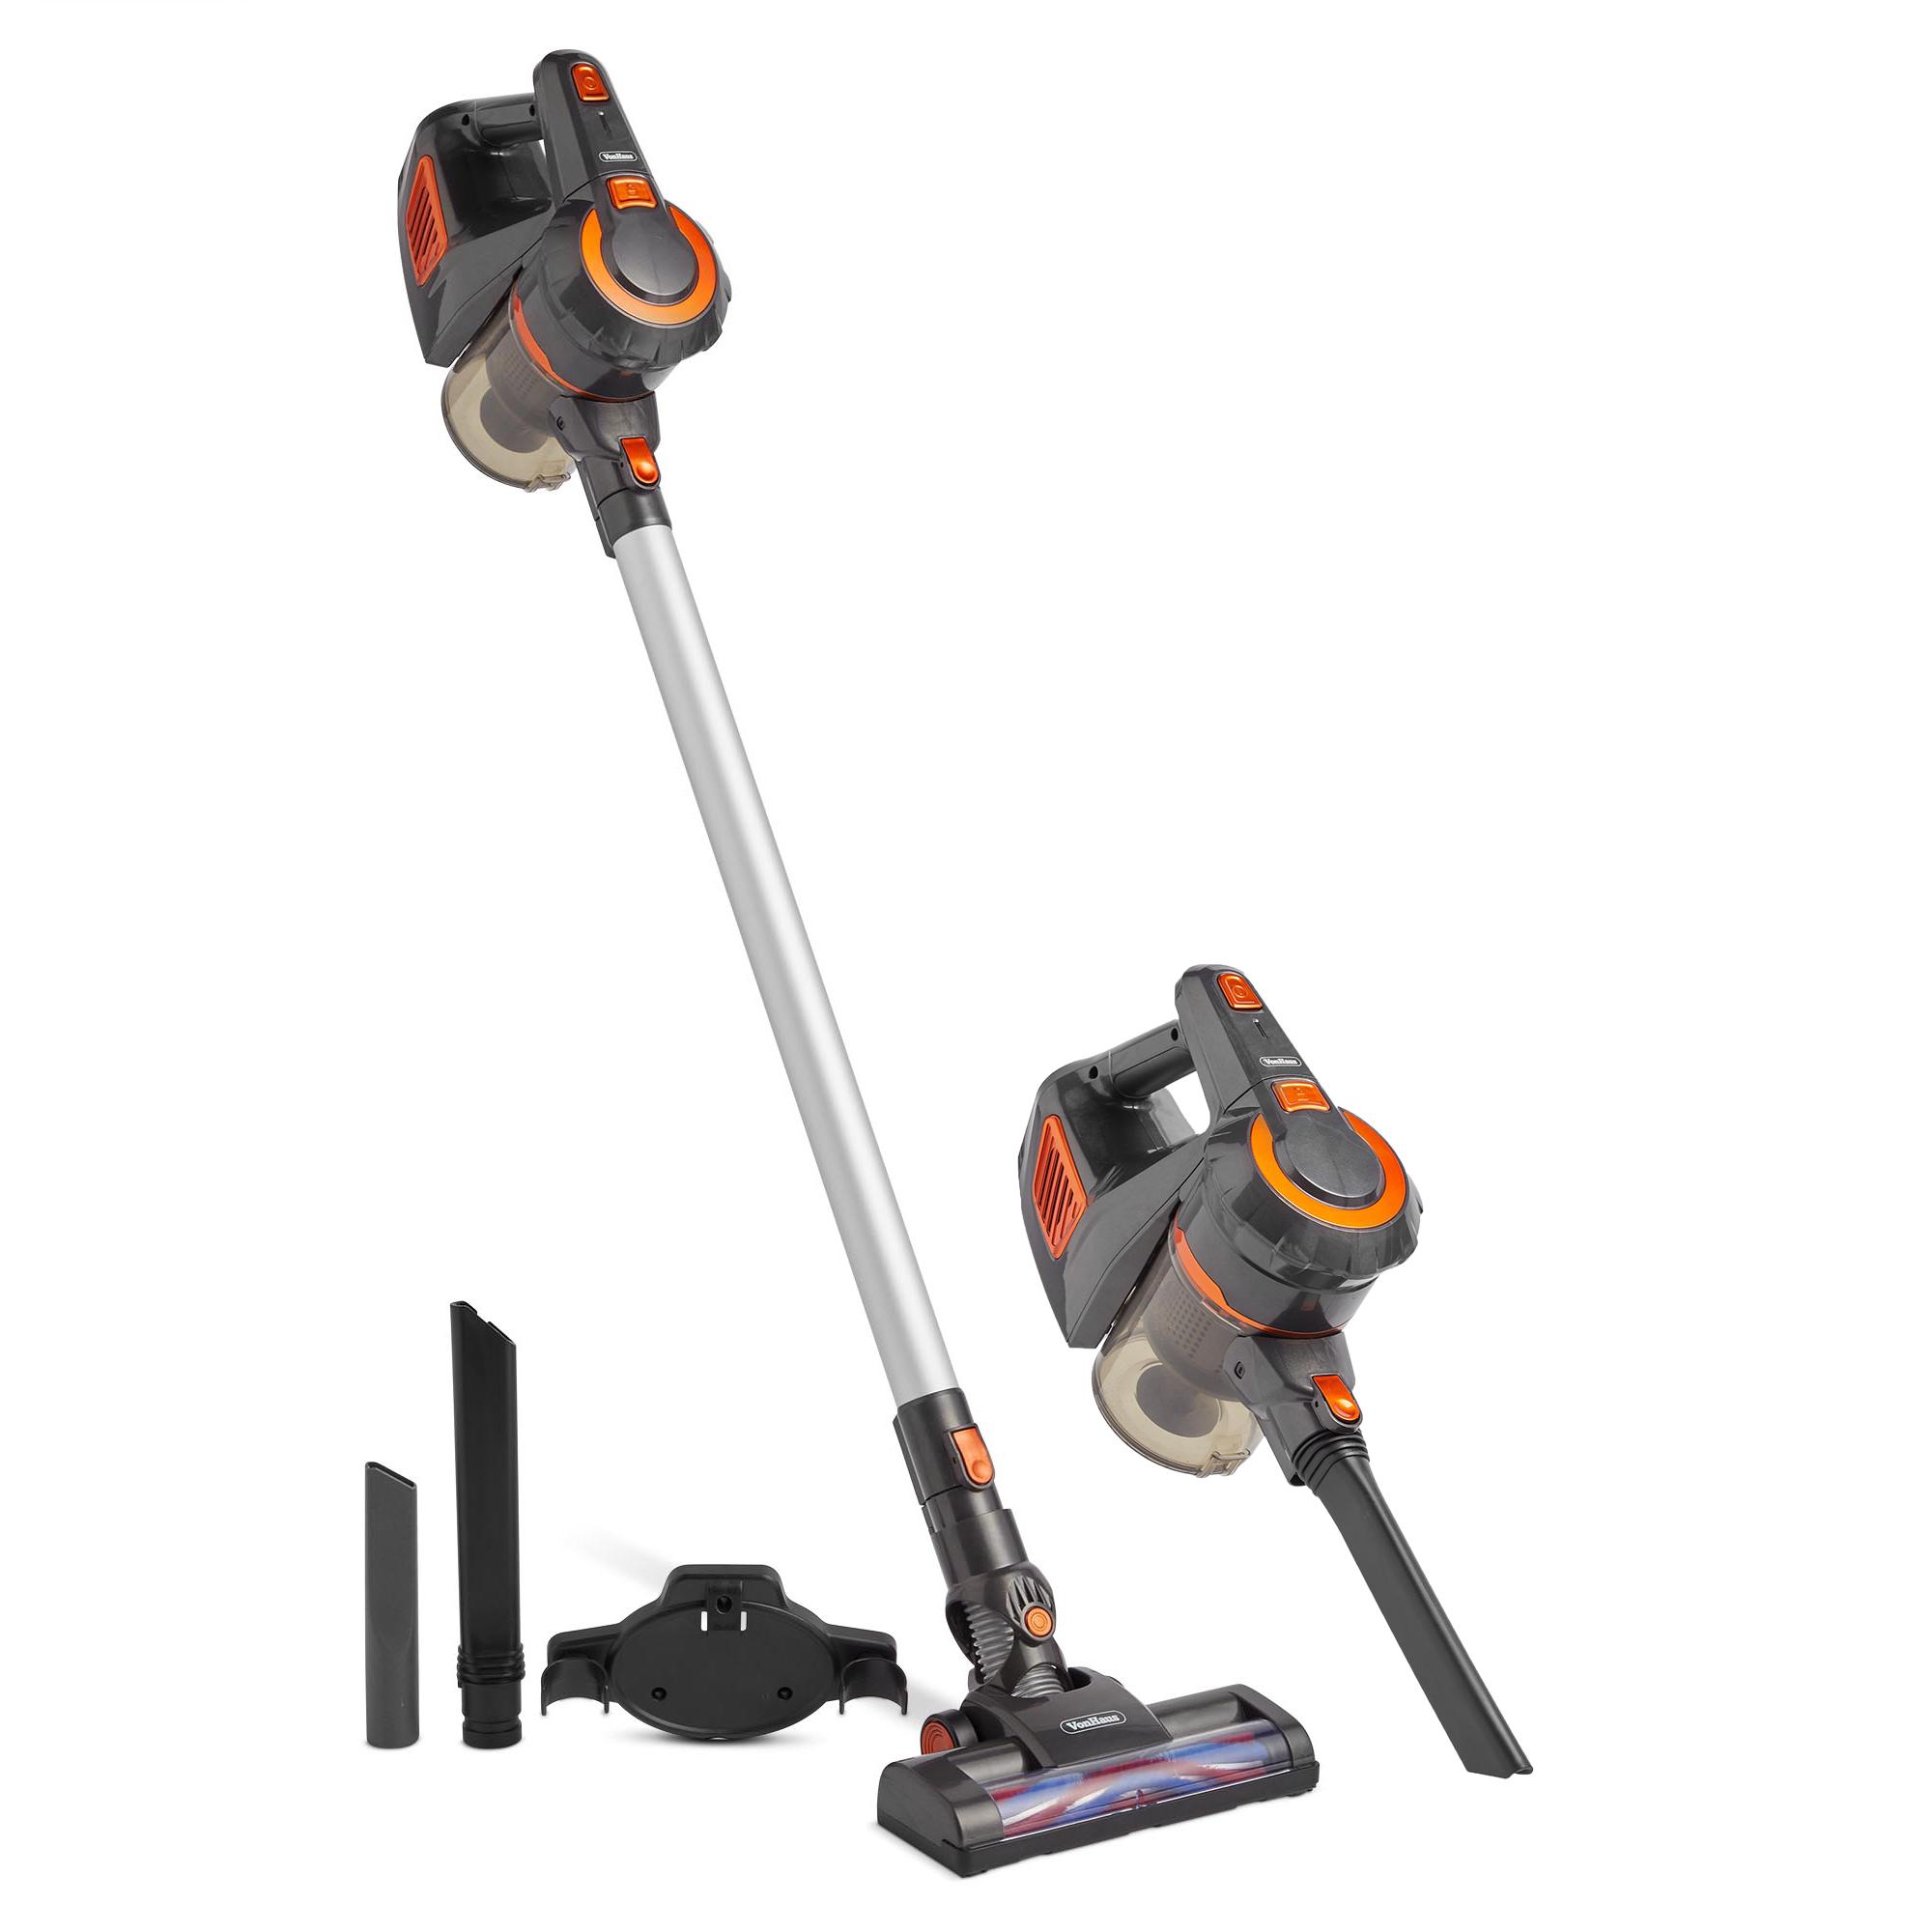 Vonhaus 2 In 1 Cordless Handheld Vacuum Cleaner Grey 150w : vonhaus 2 in 1 cordless handheld vacuum cleaner grey 120w 5056115722103 ebay ~ Russianpoet.info Haus und Dekorationen